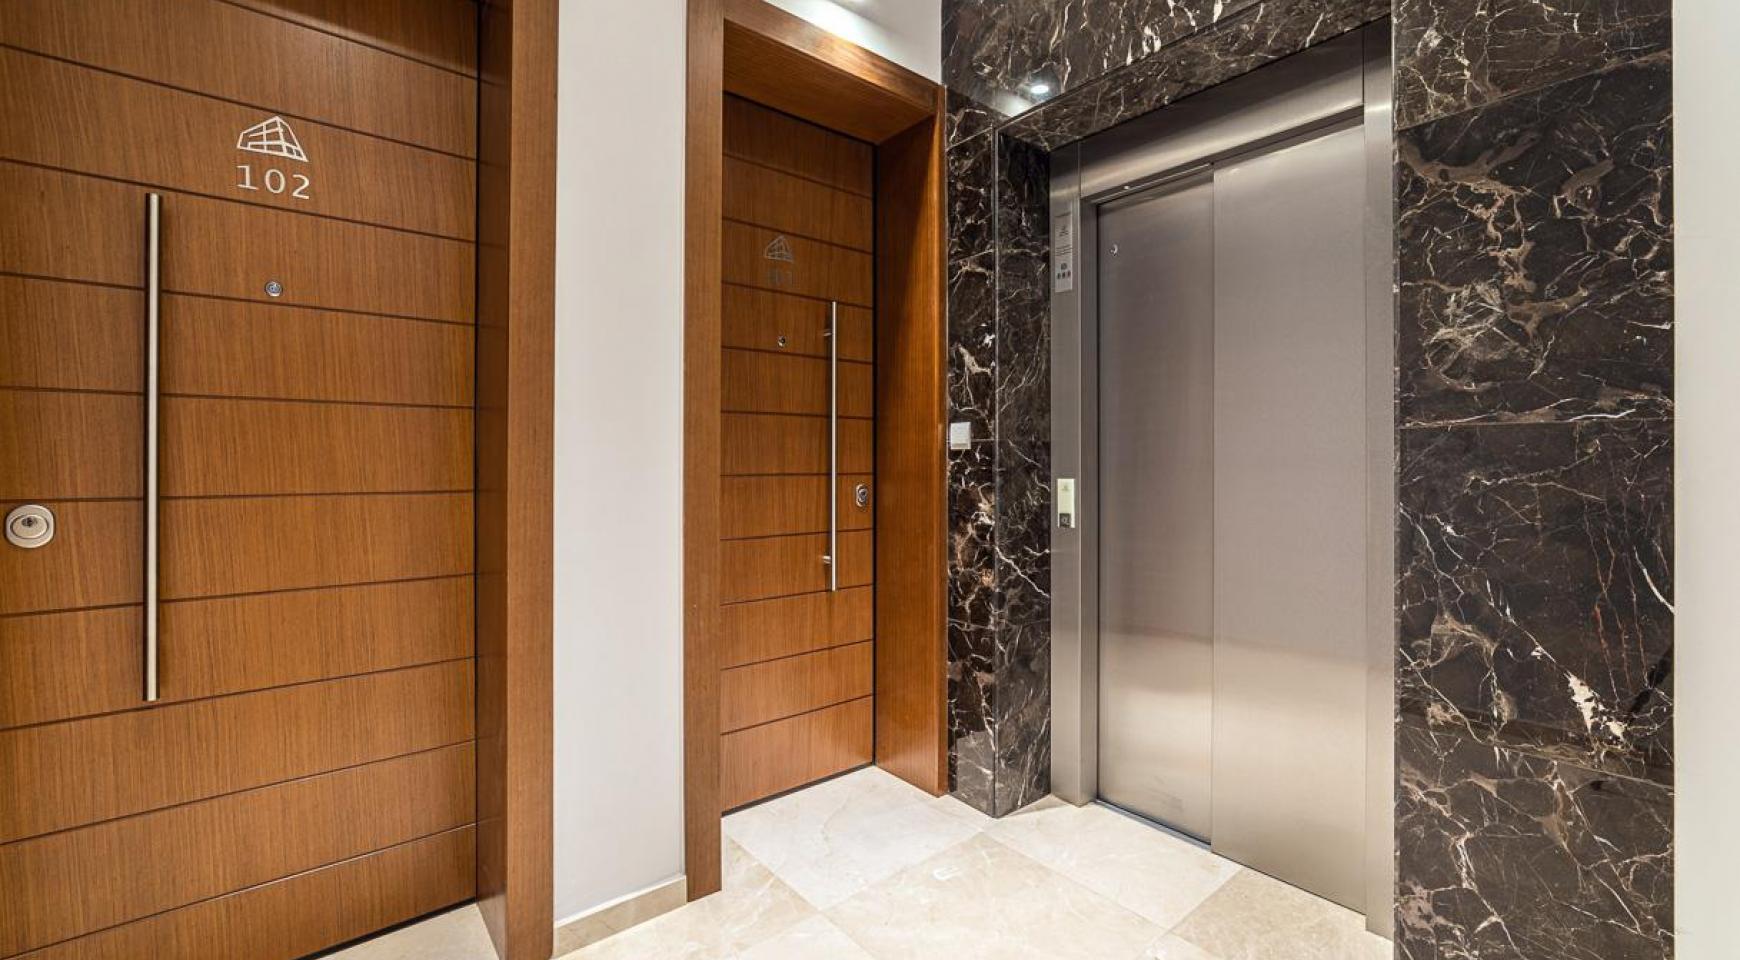 Malibu Residence. Современная Односпальная Квартира 101 в Районе Ротамос Гермасойя - 44